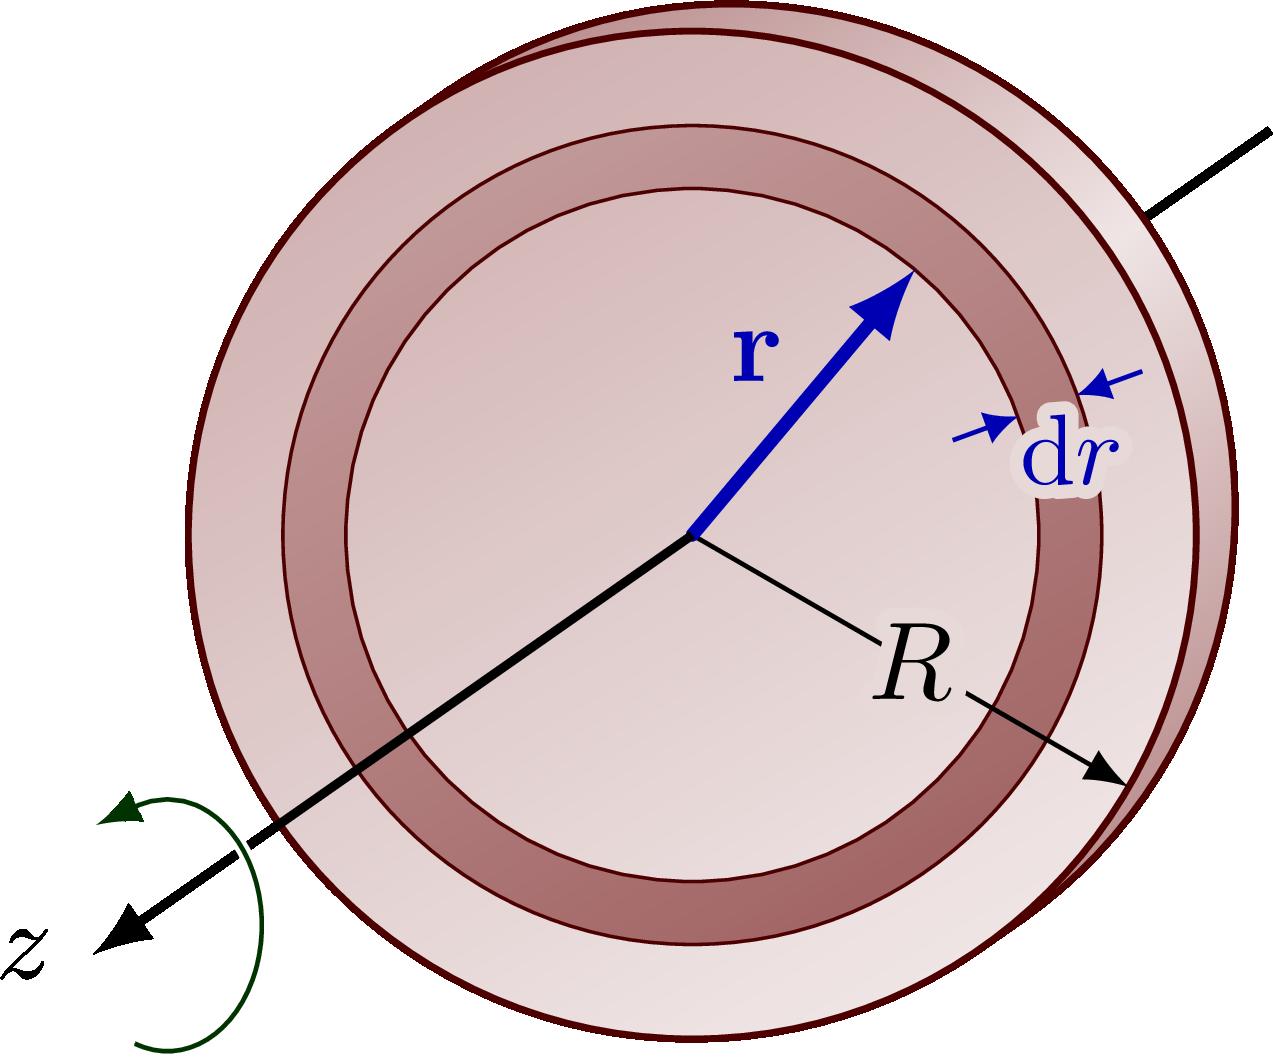 dynamics_moment_of_inertia-008.png